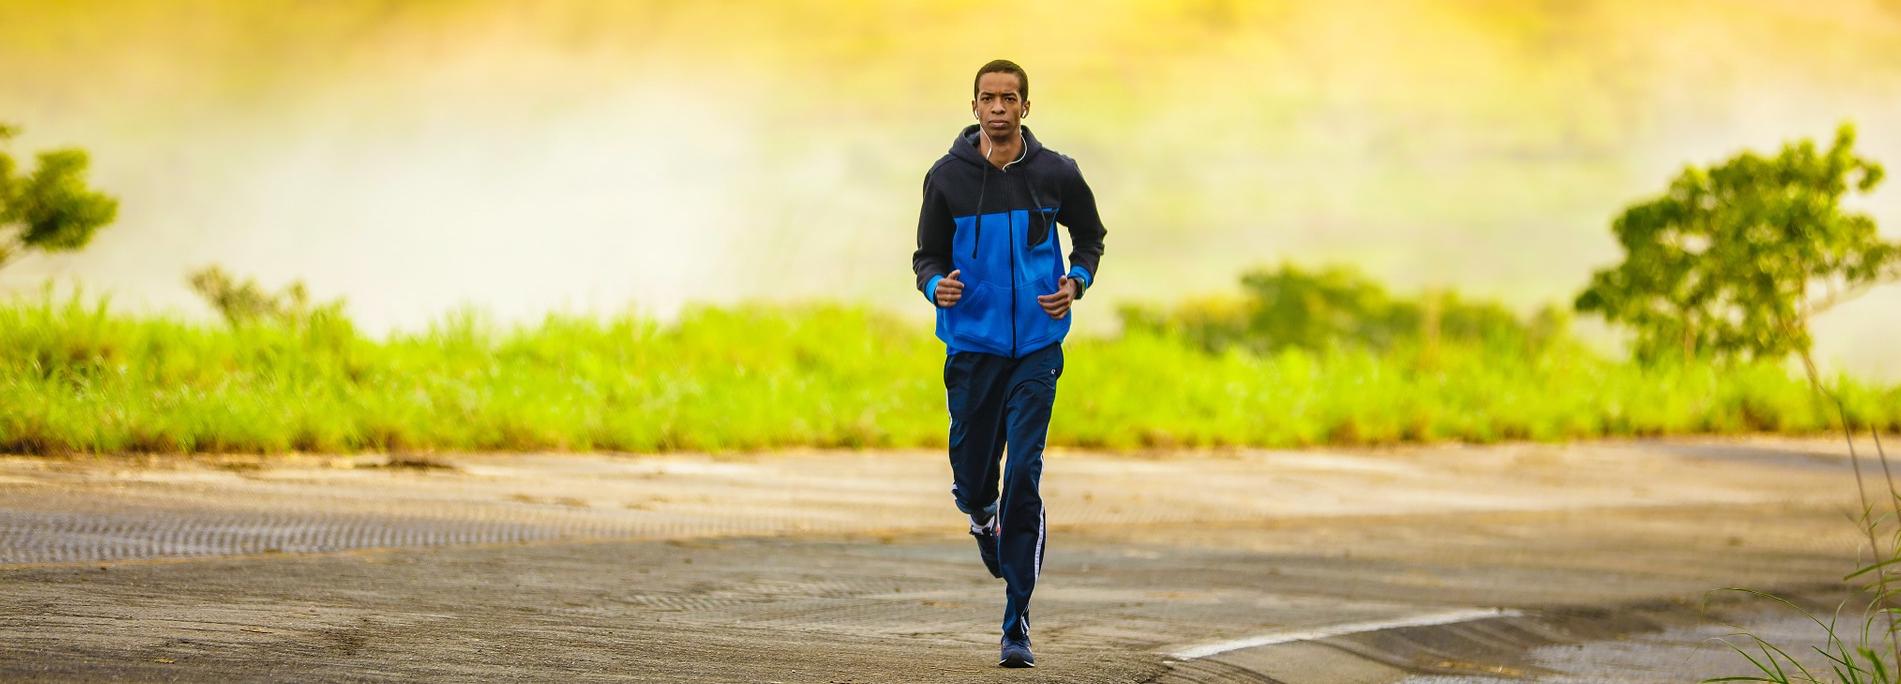 Läufer auf Straße